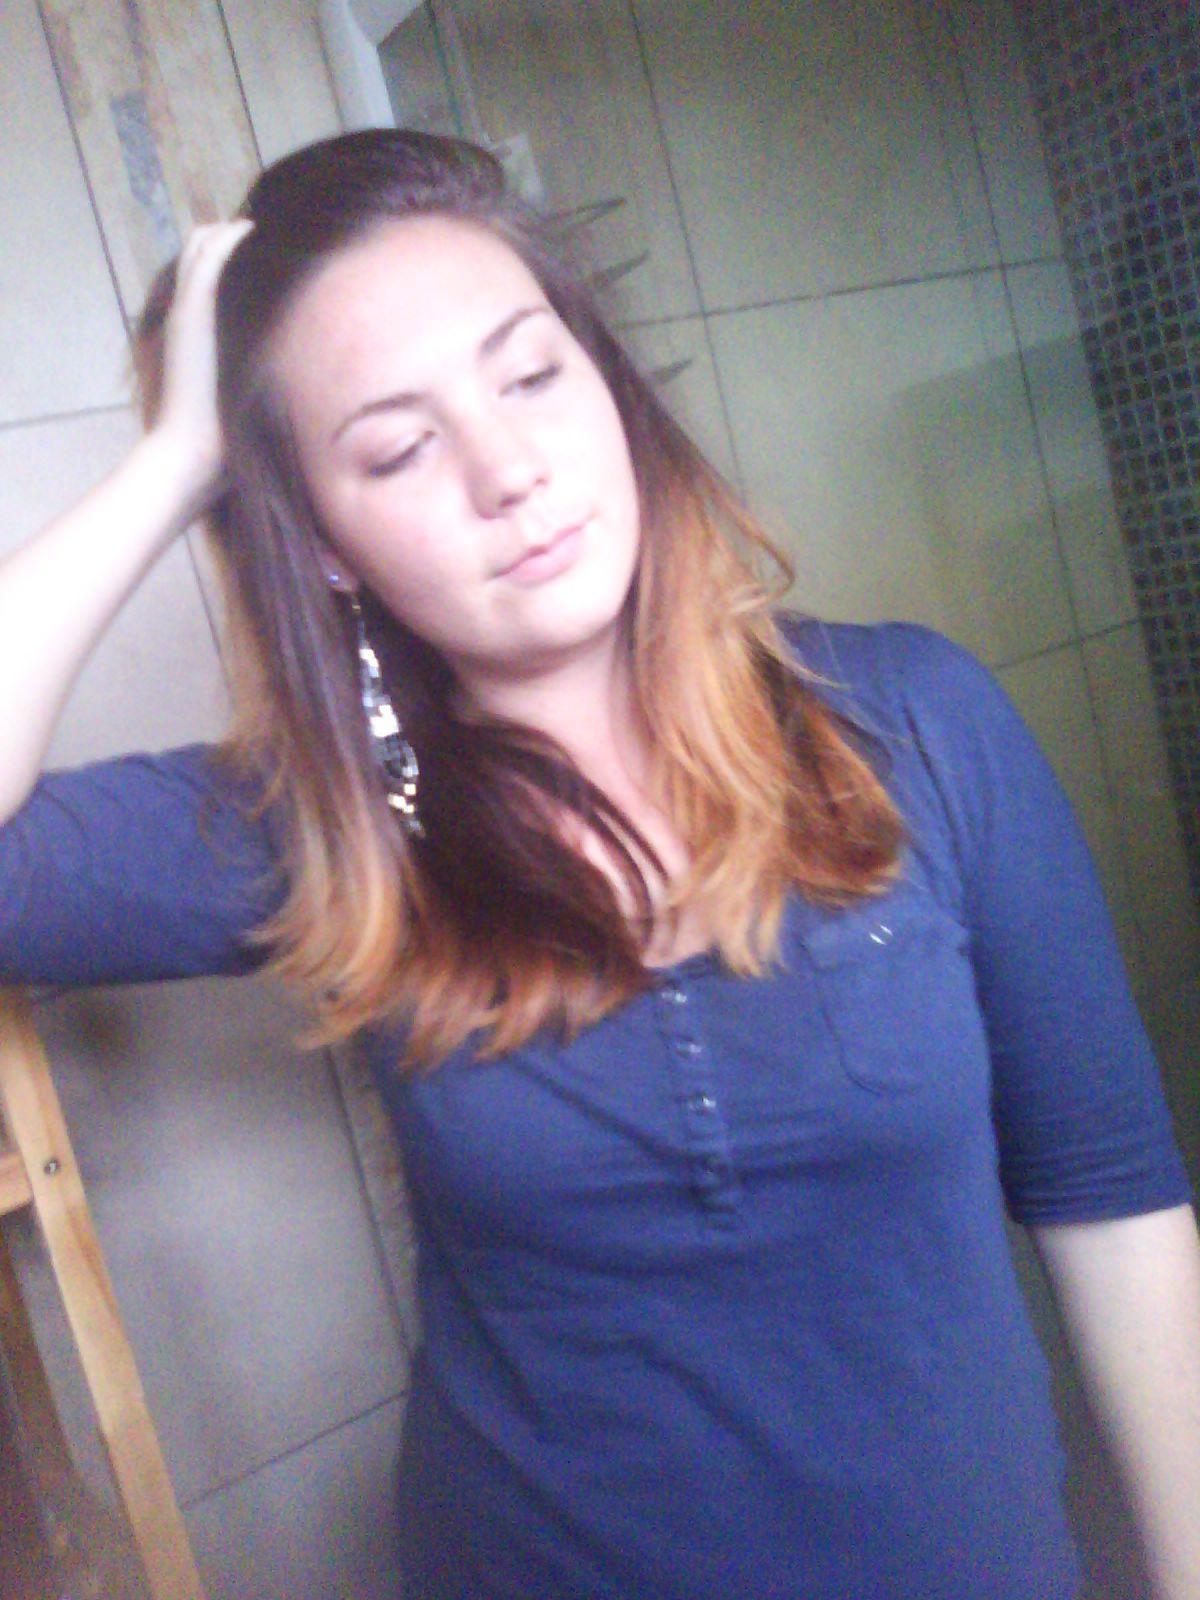 moi aussi je veux un ombr hair naturel jen ai fais horrible avec la dcoloration garnier jai bousiller mes cheveux - Coiffeur Coloriste Toulouse